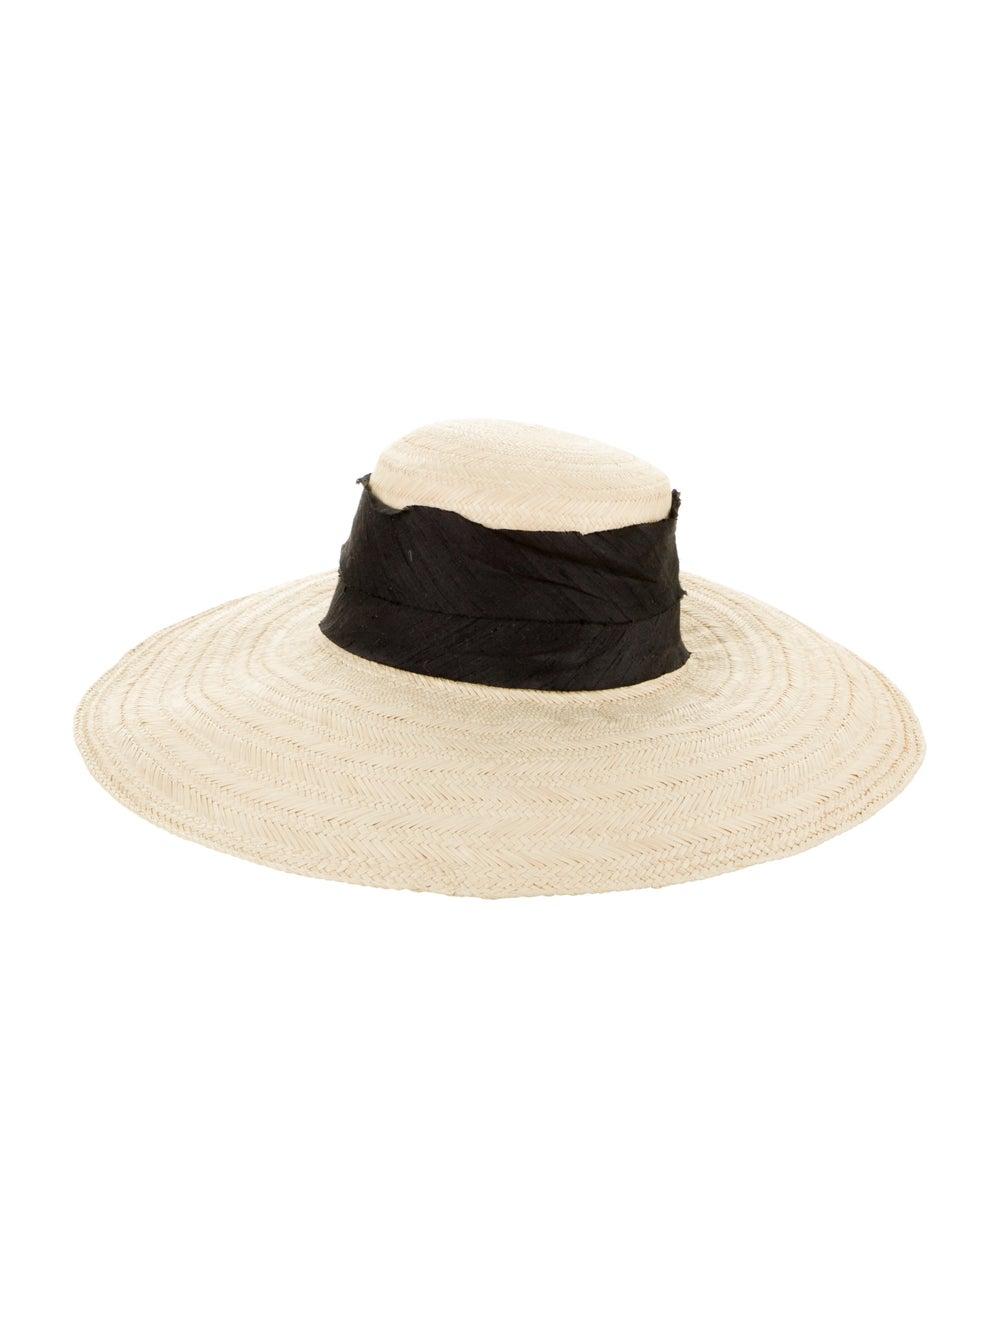 Janessa Leone Wide Brim Straw Hat - image 1